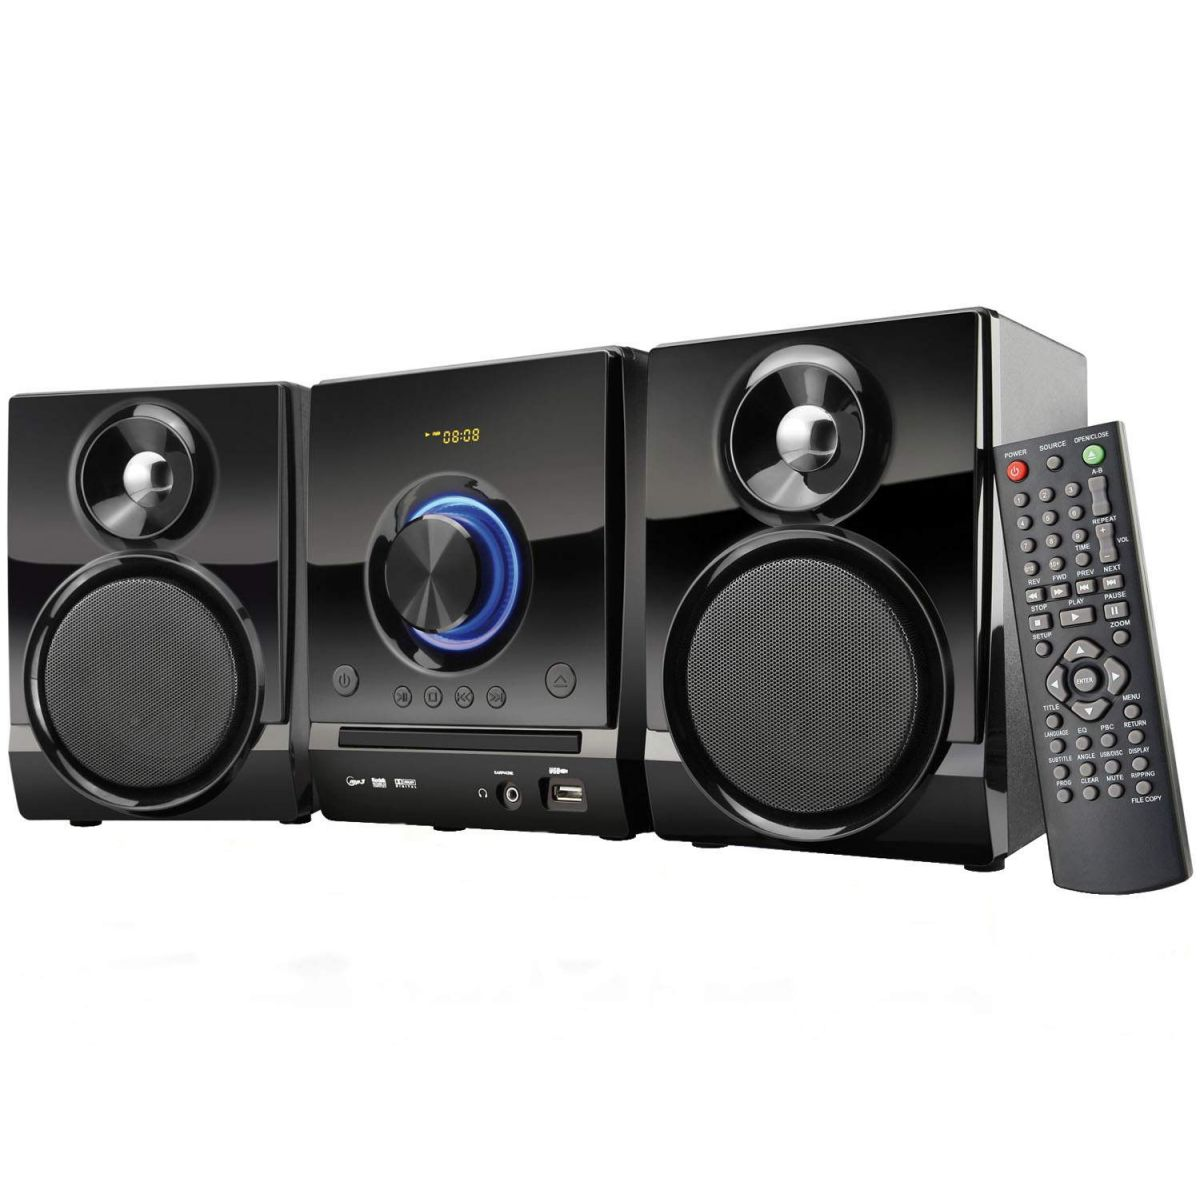 Caixa de Som Mini System com DVD Player/USB/FM/Karaokê 40W RMS Preto SP156 - Multilaser